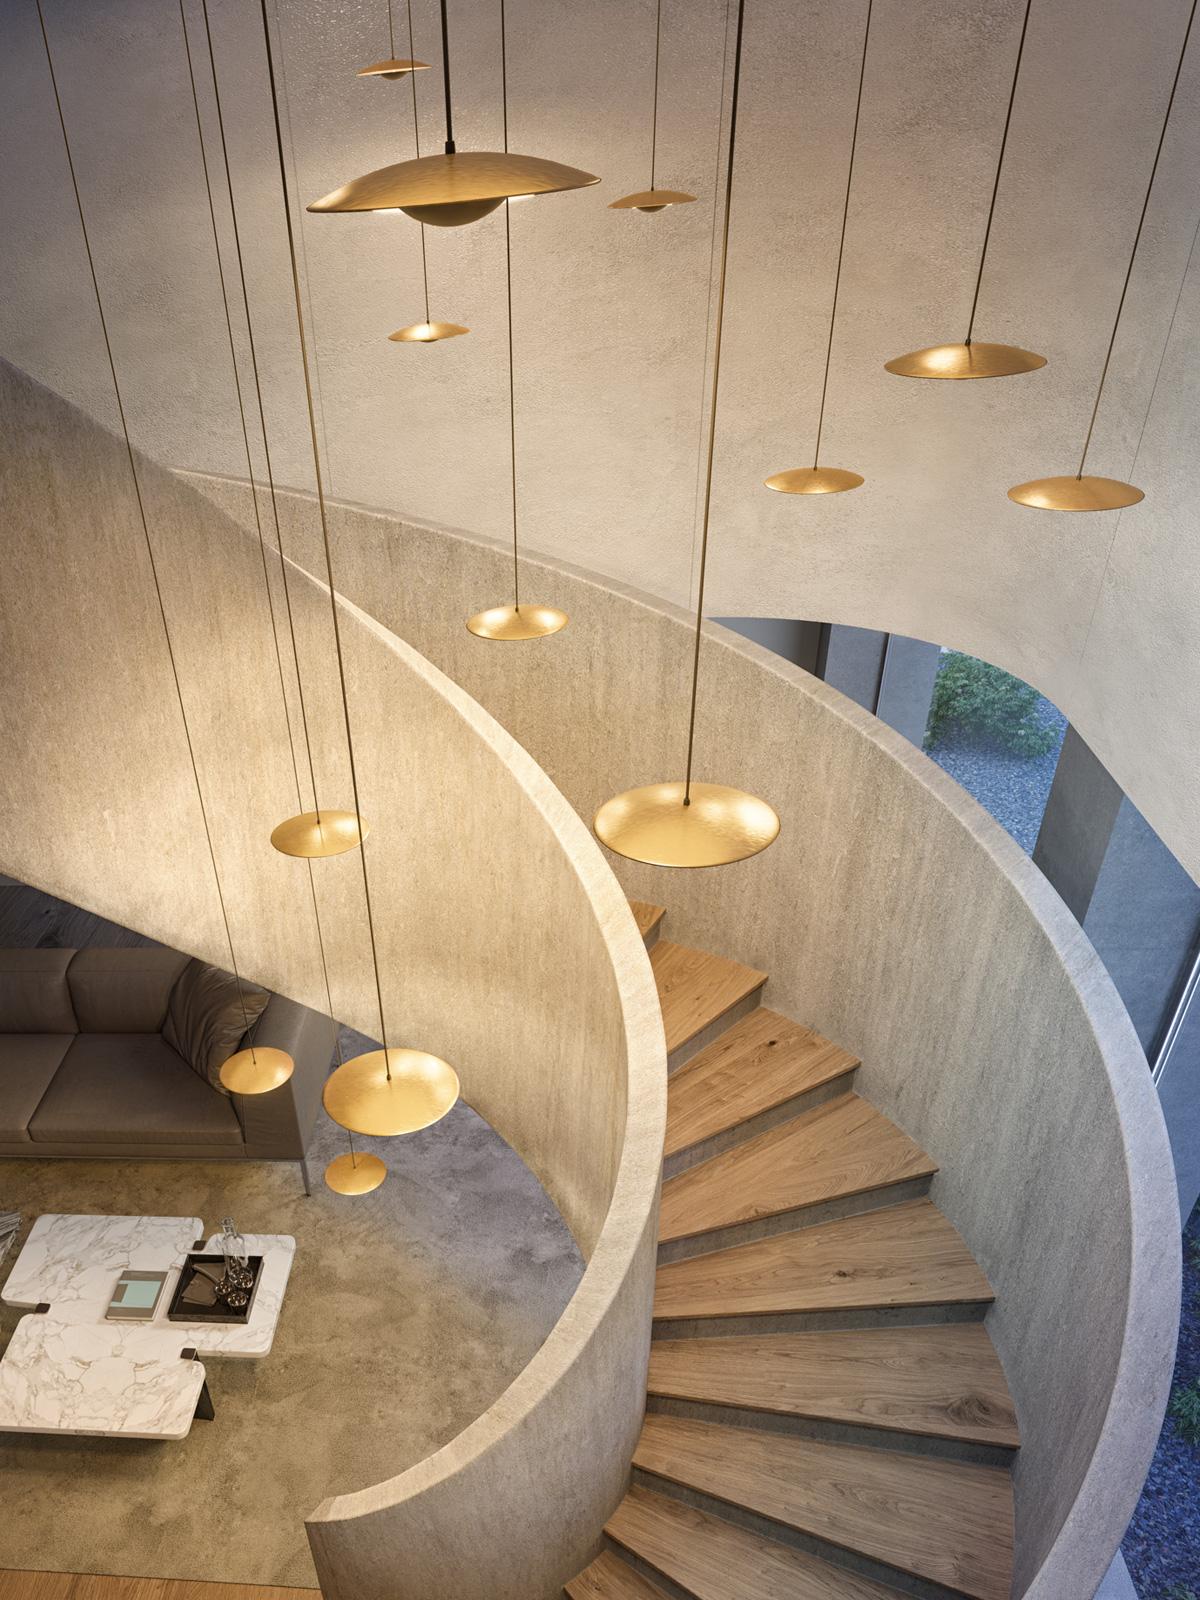 Die Besten Wohnideen im DesignOrt Blog: Marset Ginger Metall Lampe DesignOrt Onlineshop Leuchten Berlin